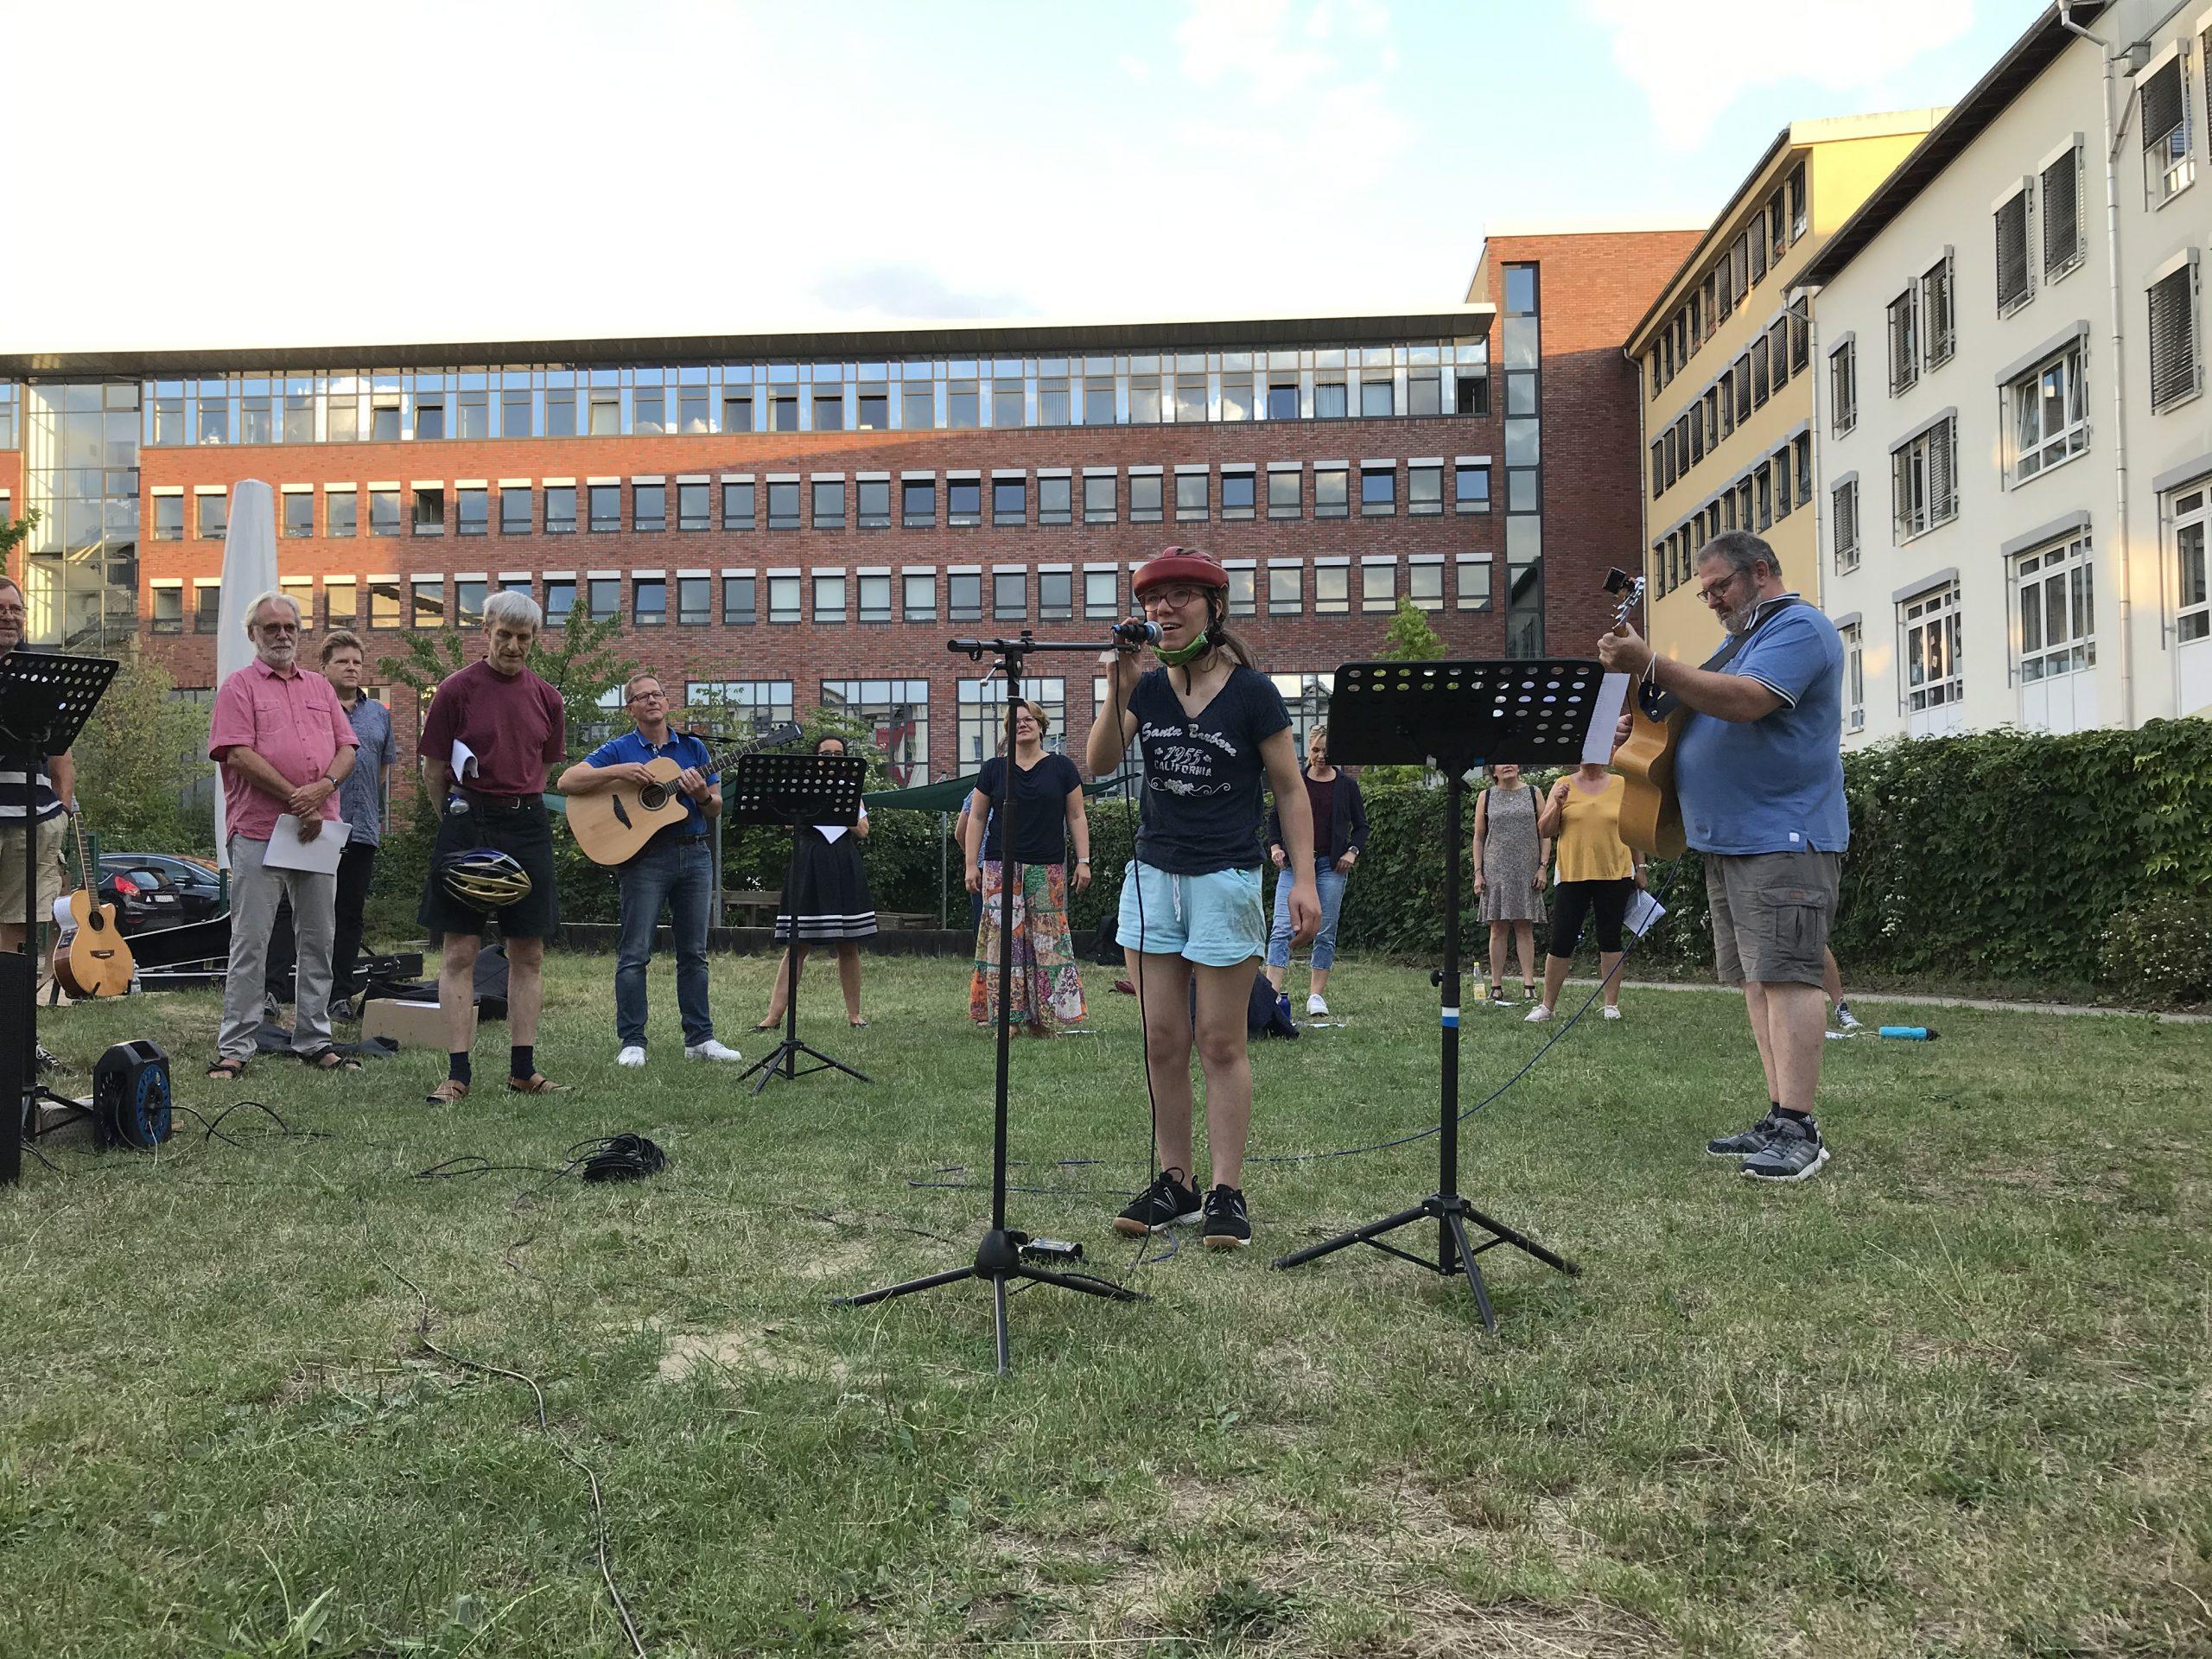 Sängerinnen und Sänger stehen mit Instrumenten, Mikrofonen und Notenständern mit Abstand im Garten vor einem großen Gebäude.